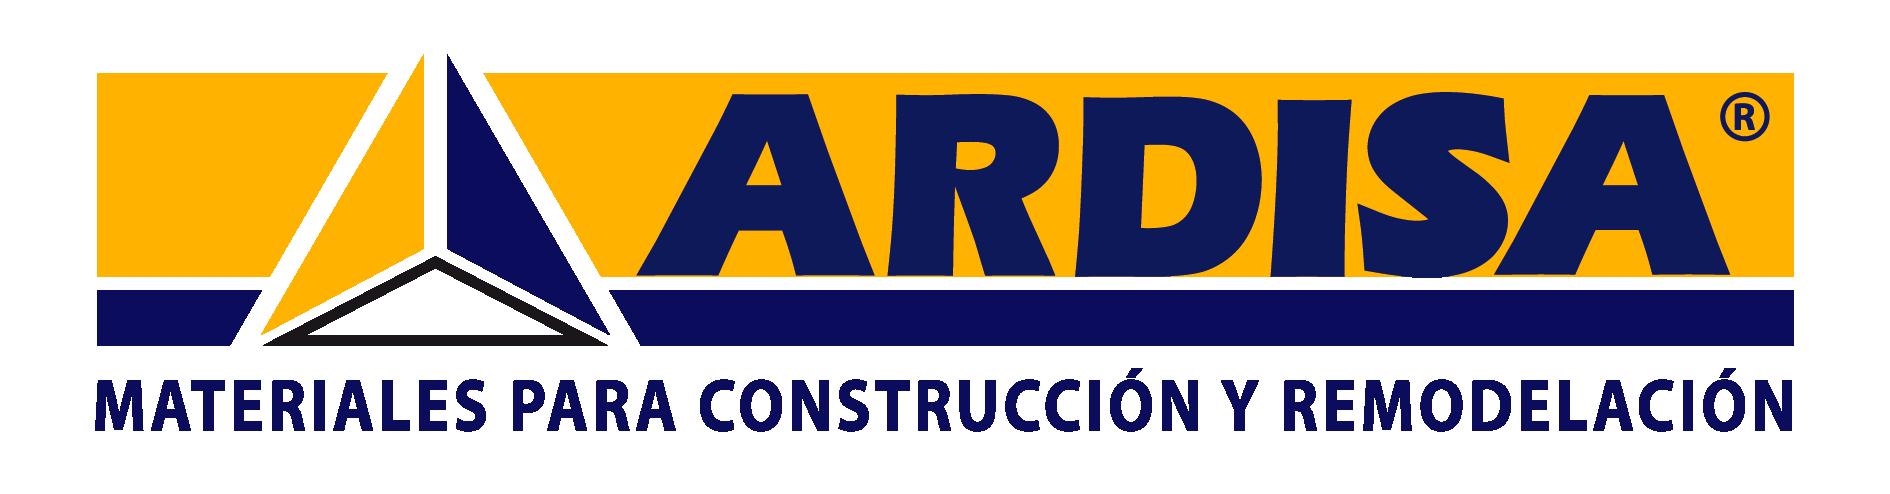 logo ARDISA-01.png